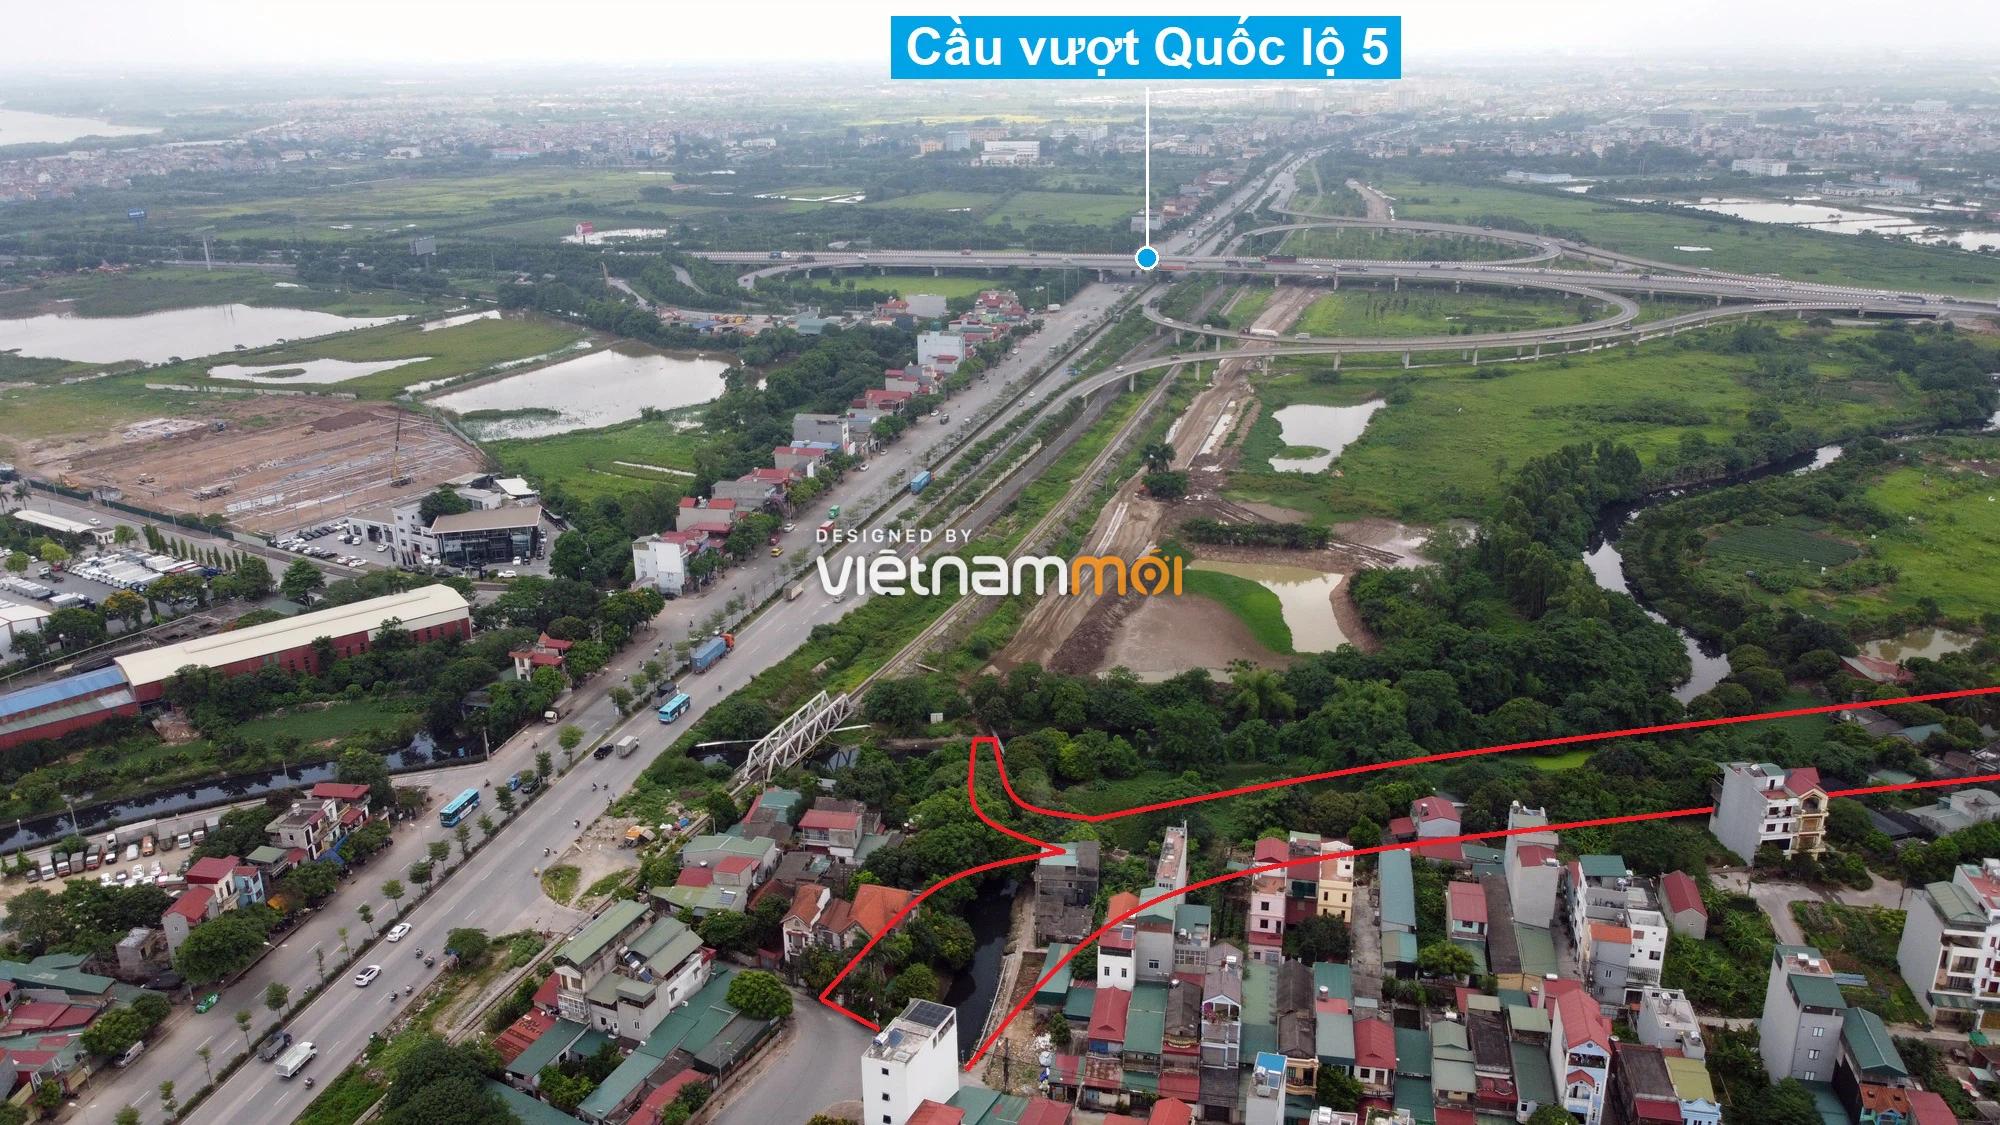 Những khu đất sắp thu hồi để mở đường ở phường Thạch Bàn, Long Biên, Hà Nội (phần 6) - Ảnh 4.